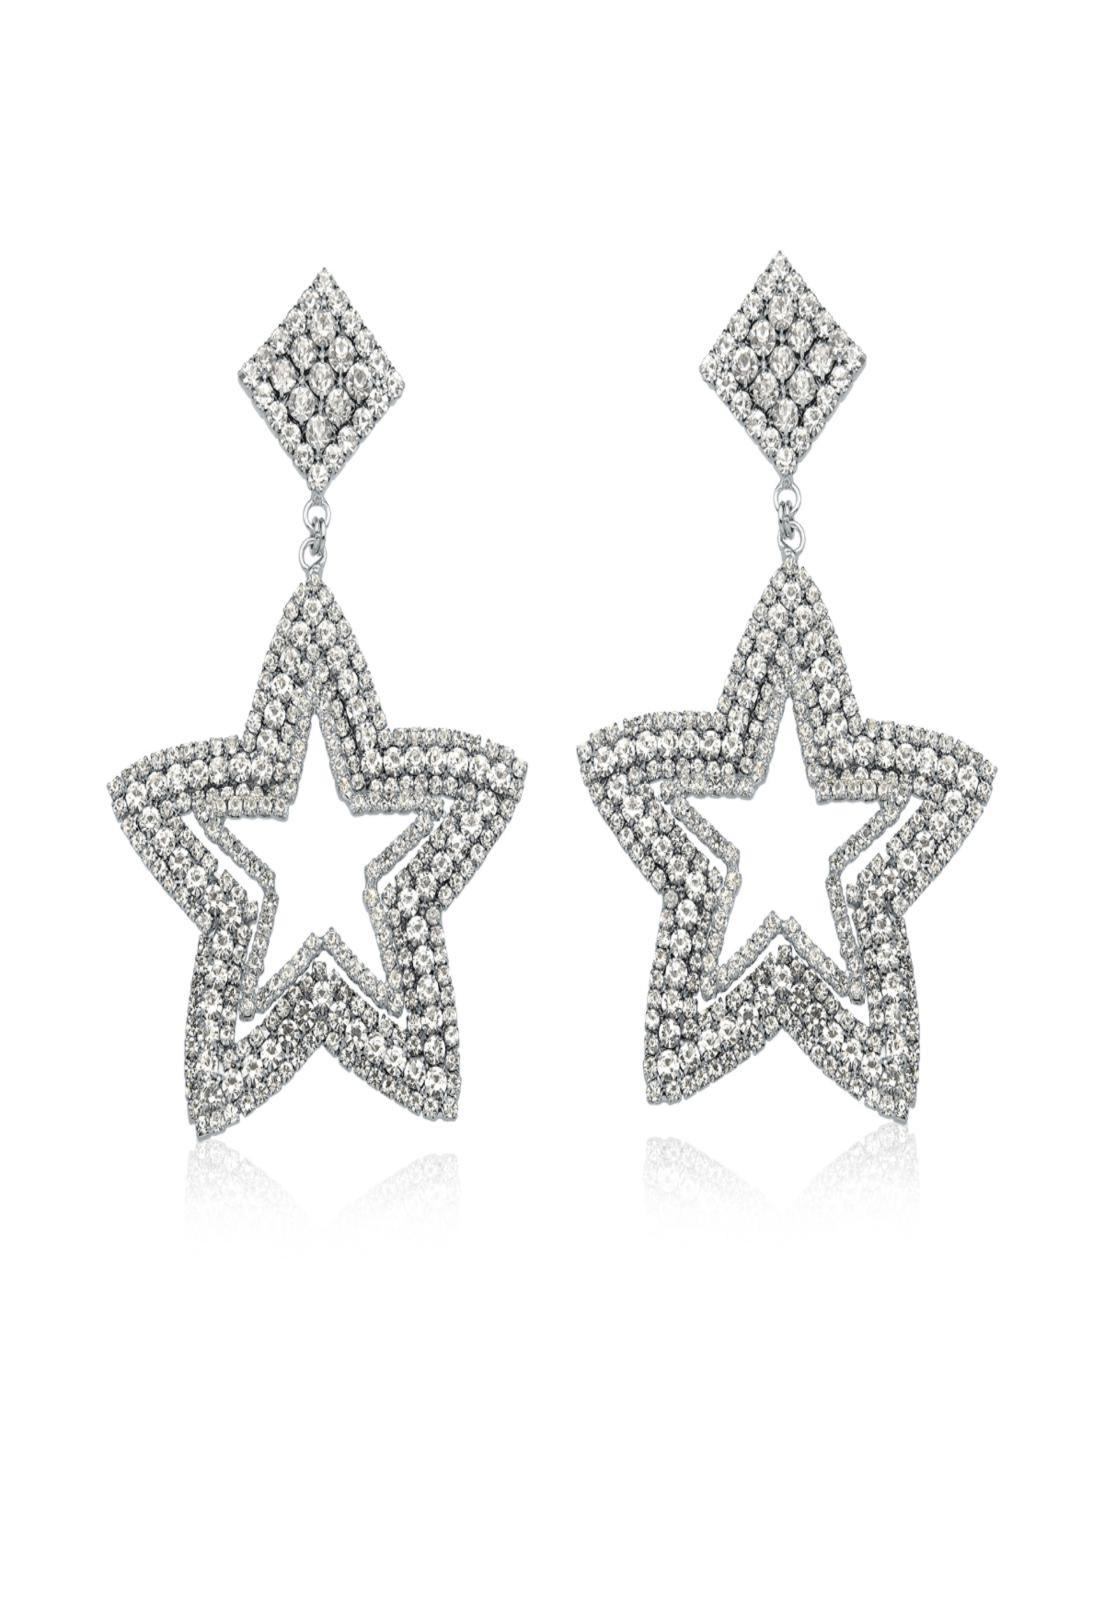 Brinco Le Diamond Brinco Bruxelas Estrela de Cristal Prata